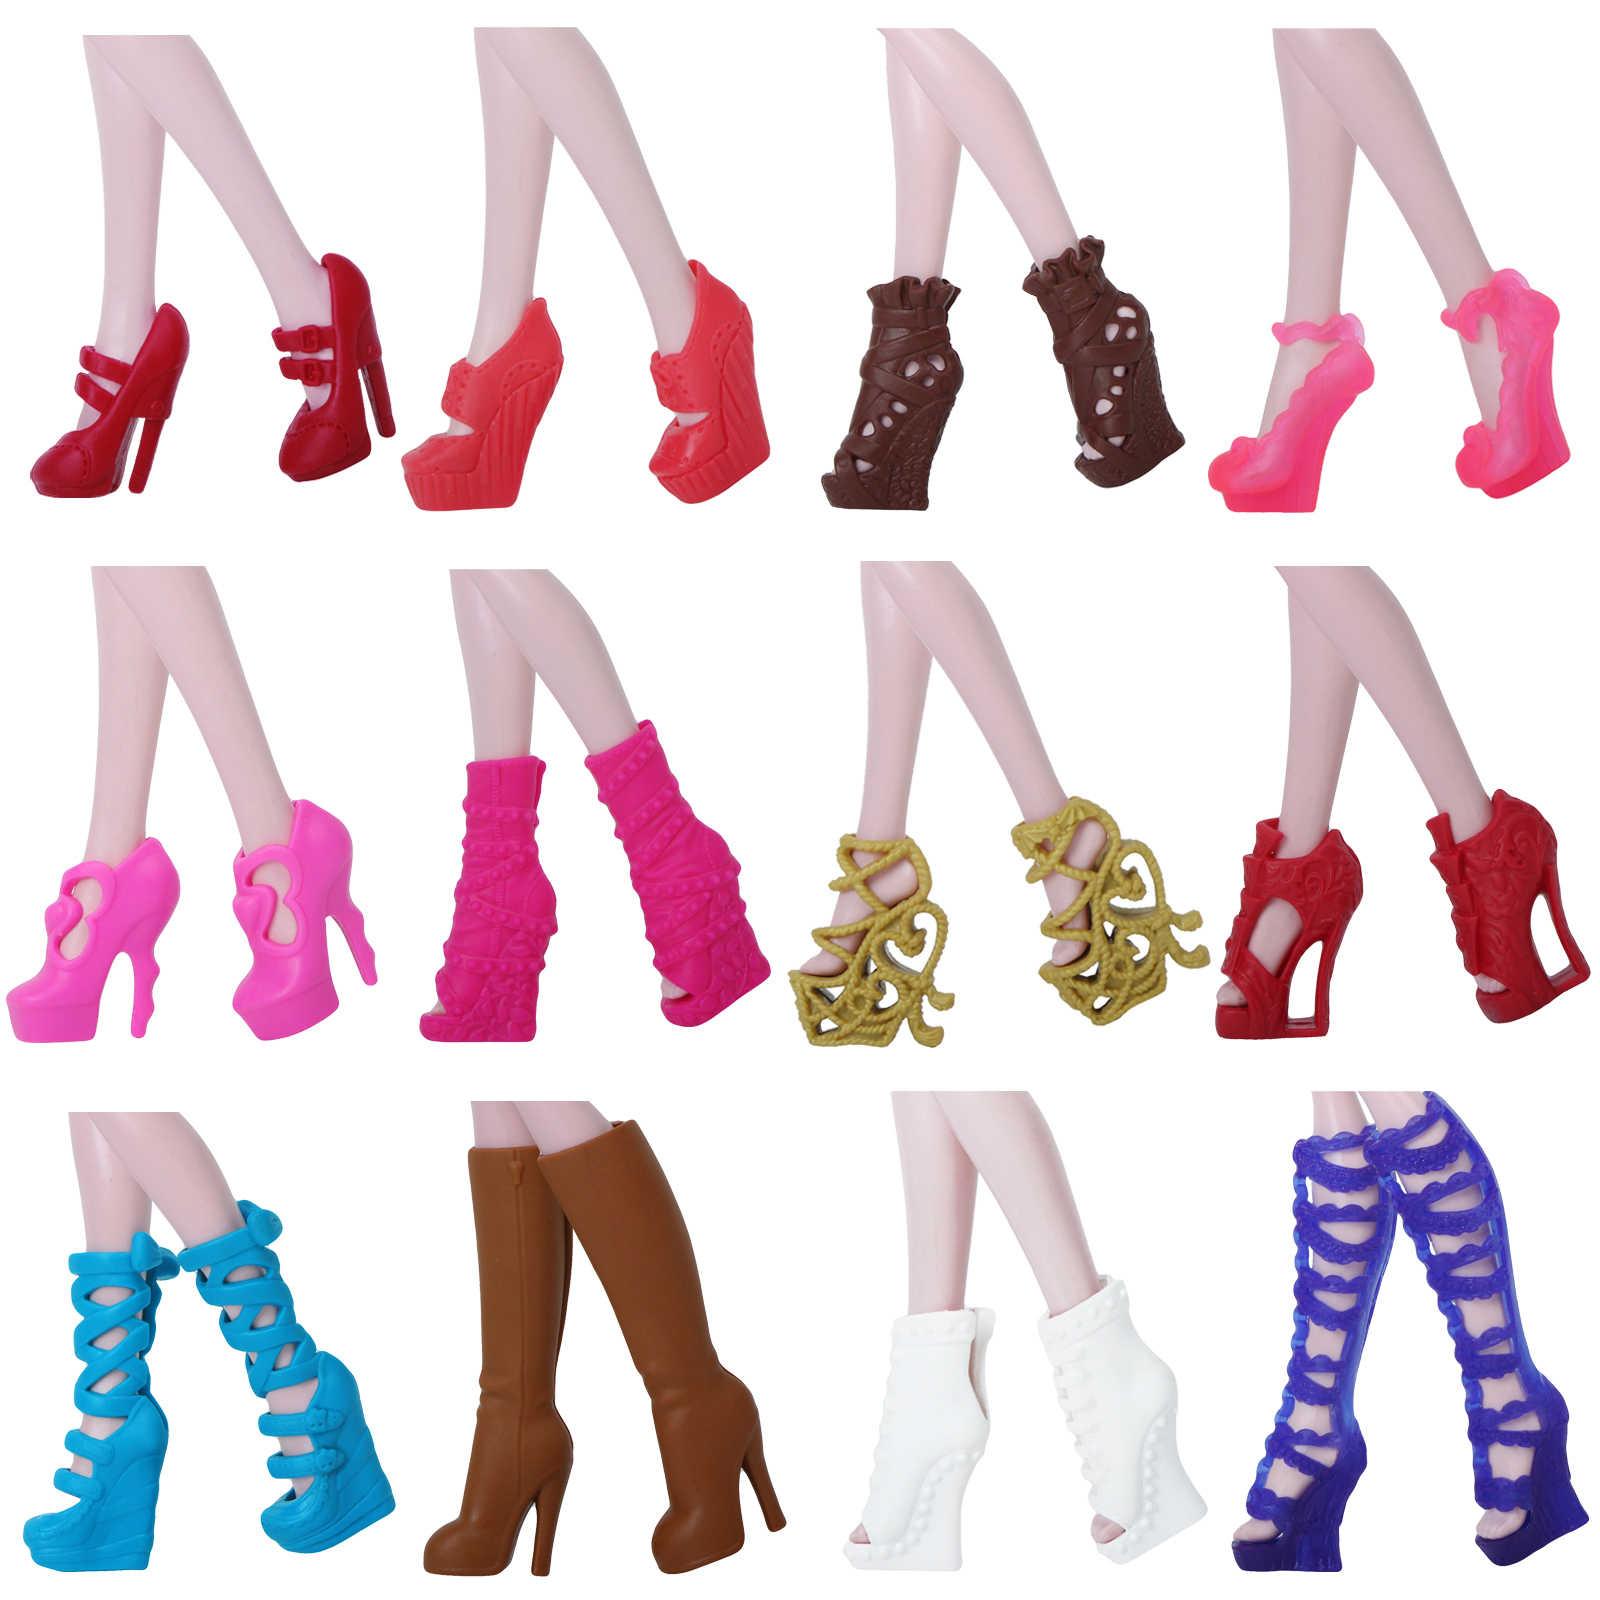 1x ฤดูหนาวรองเท้ารองเท้าฤดูร้อนรองเท้าแตะส้นสูง Lady เสื้อผ้าอุปกรณ์เสริมสำหรับตุ๊กตามอนสเตอร์สูง Lot สไตล์คุณภาพสูงของเล่น